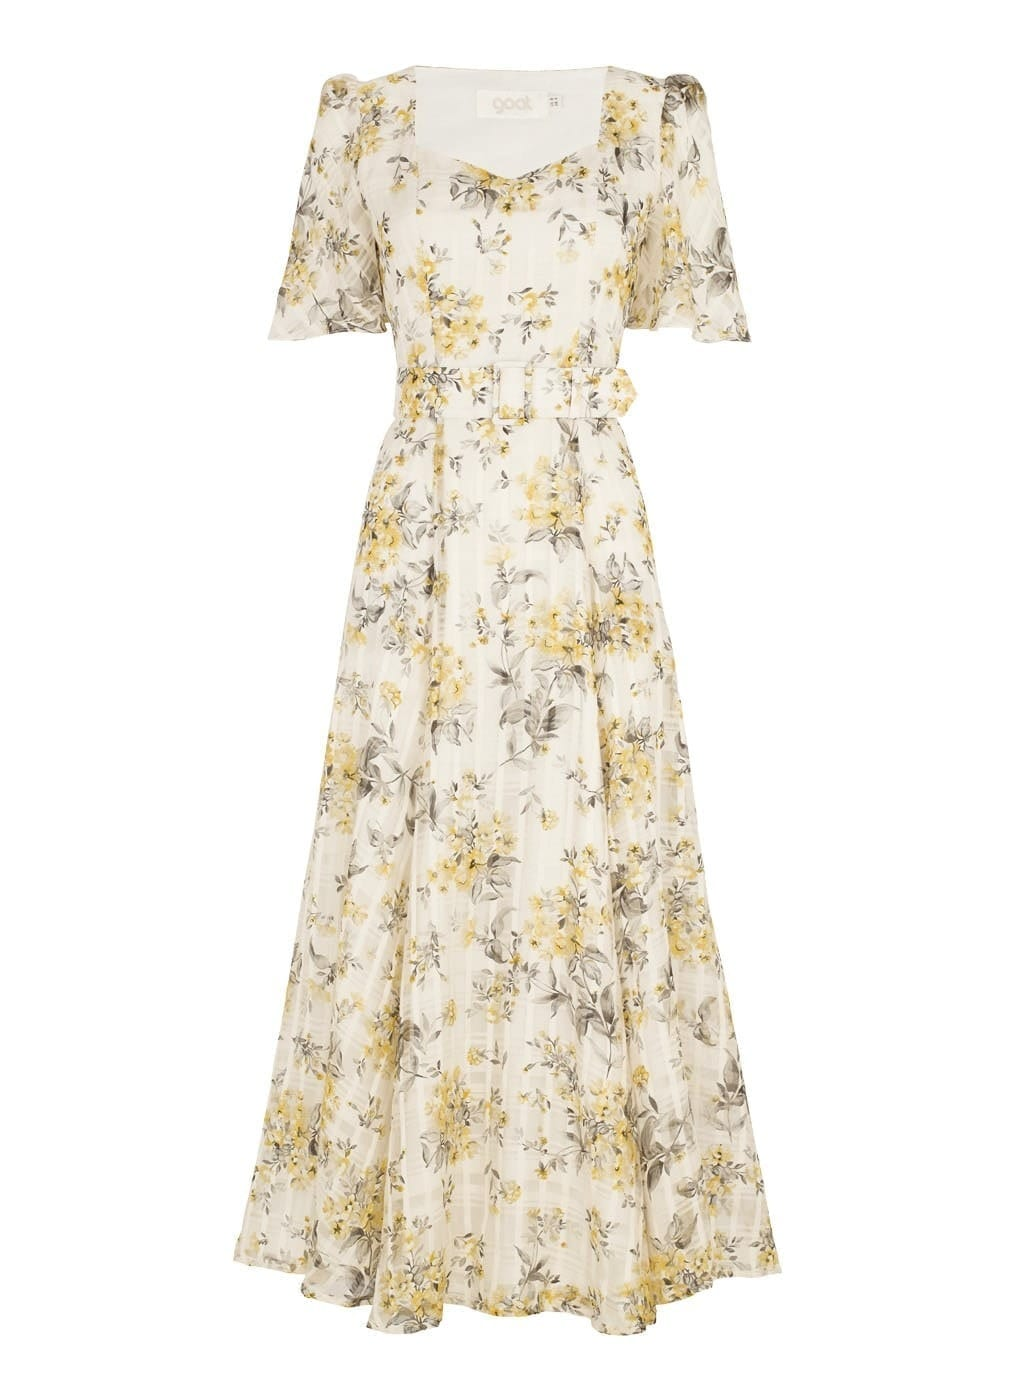 GOAT FASHION Flower Check Julip Midi Dress